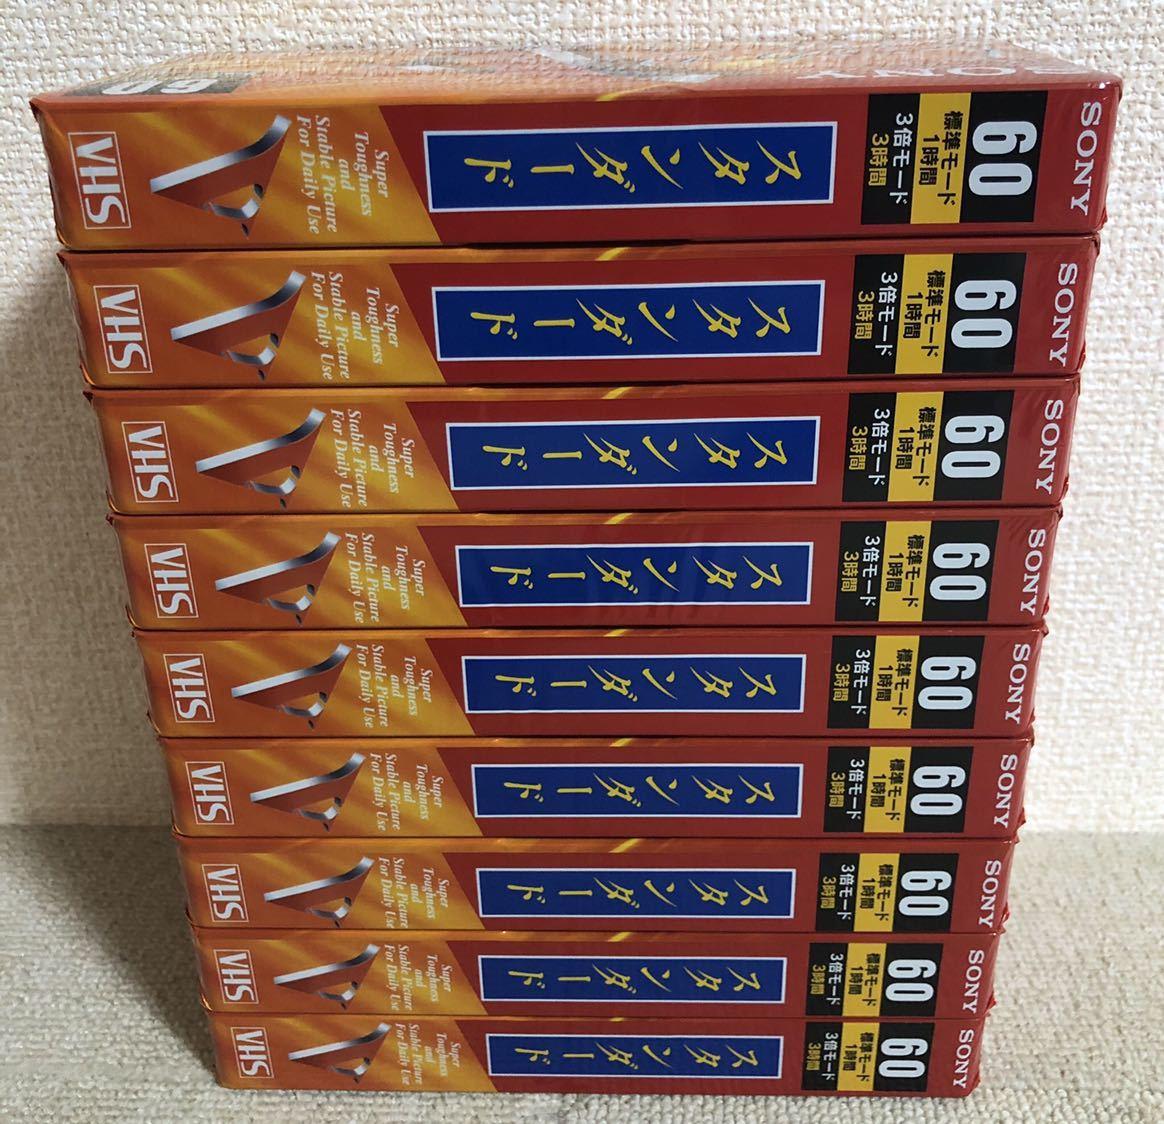 売り切り/未使用/未開封/SONY/ビデオテープ/VHS/9本セット_画像5